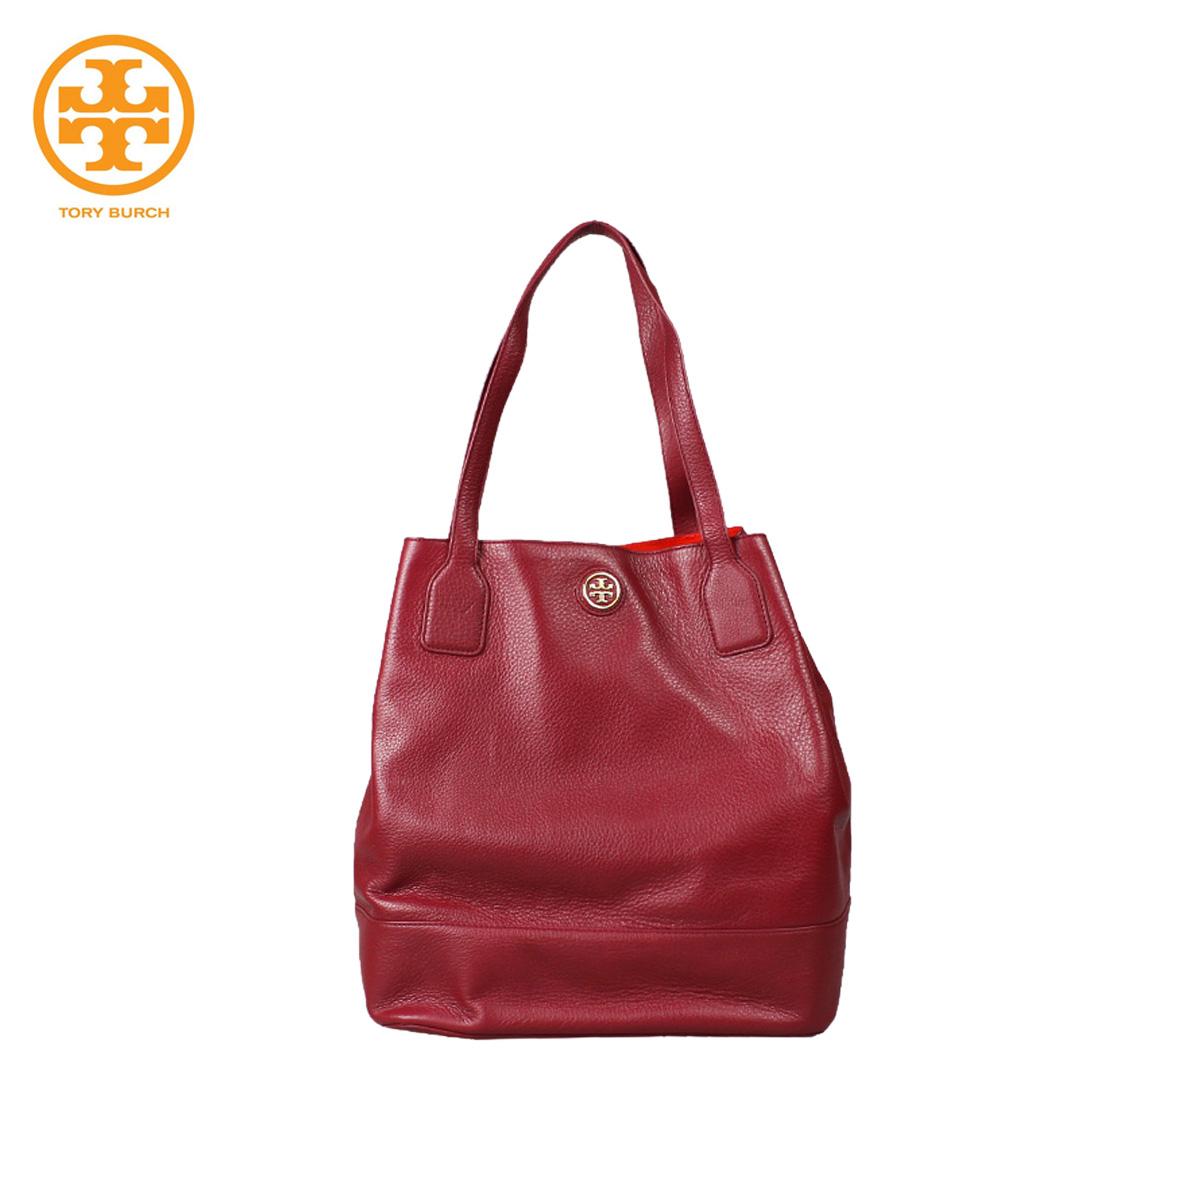 托里 · 伯奇托里 · 伯奇大手提包袋 [定期] [winesapred] 31129802 614 妇女的手提袋